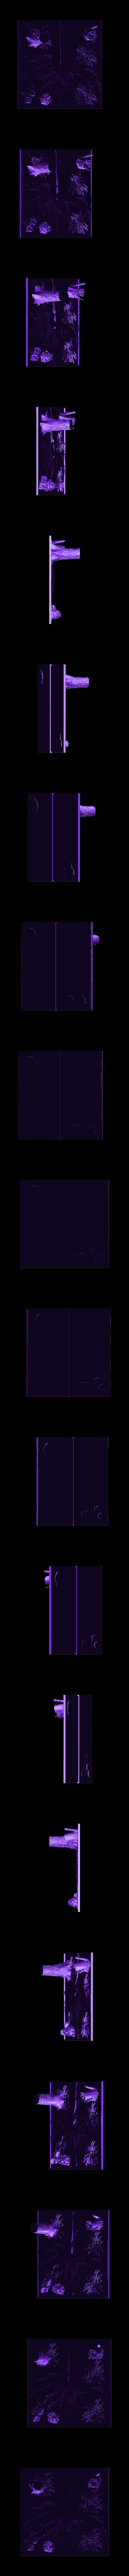 base_completa.stl Télécharger fichier STL gratuit Diorama de la forêt • Plan à imprimer en 3D, JPool